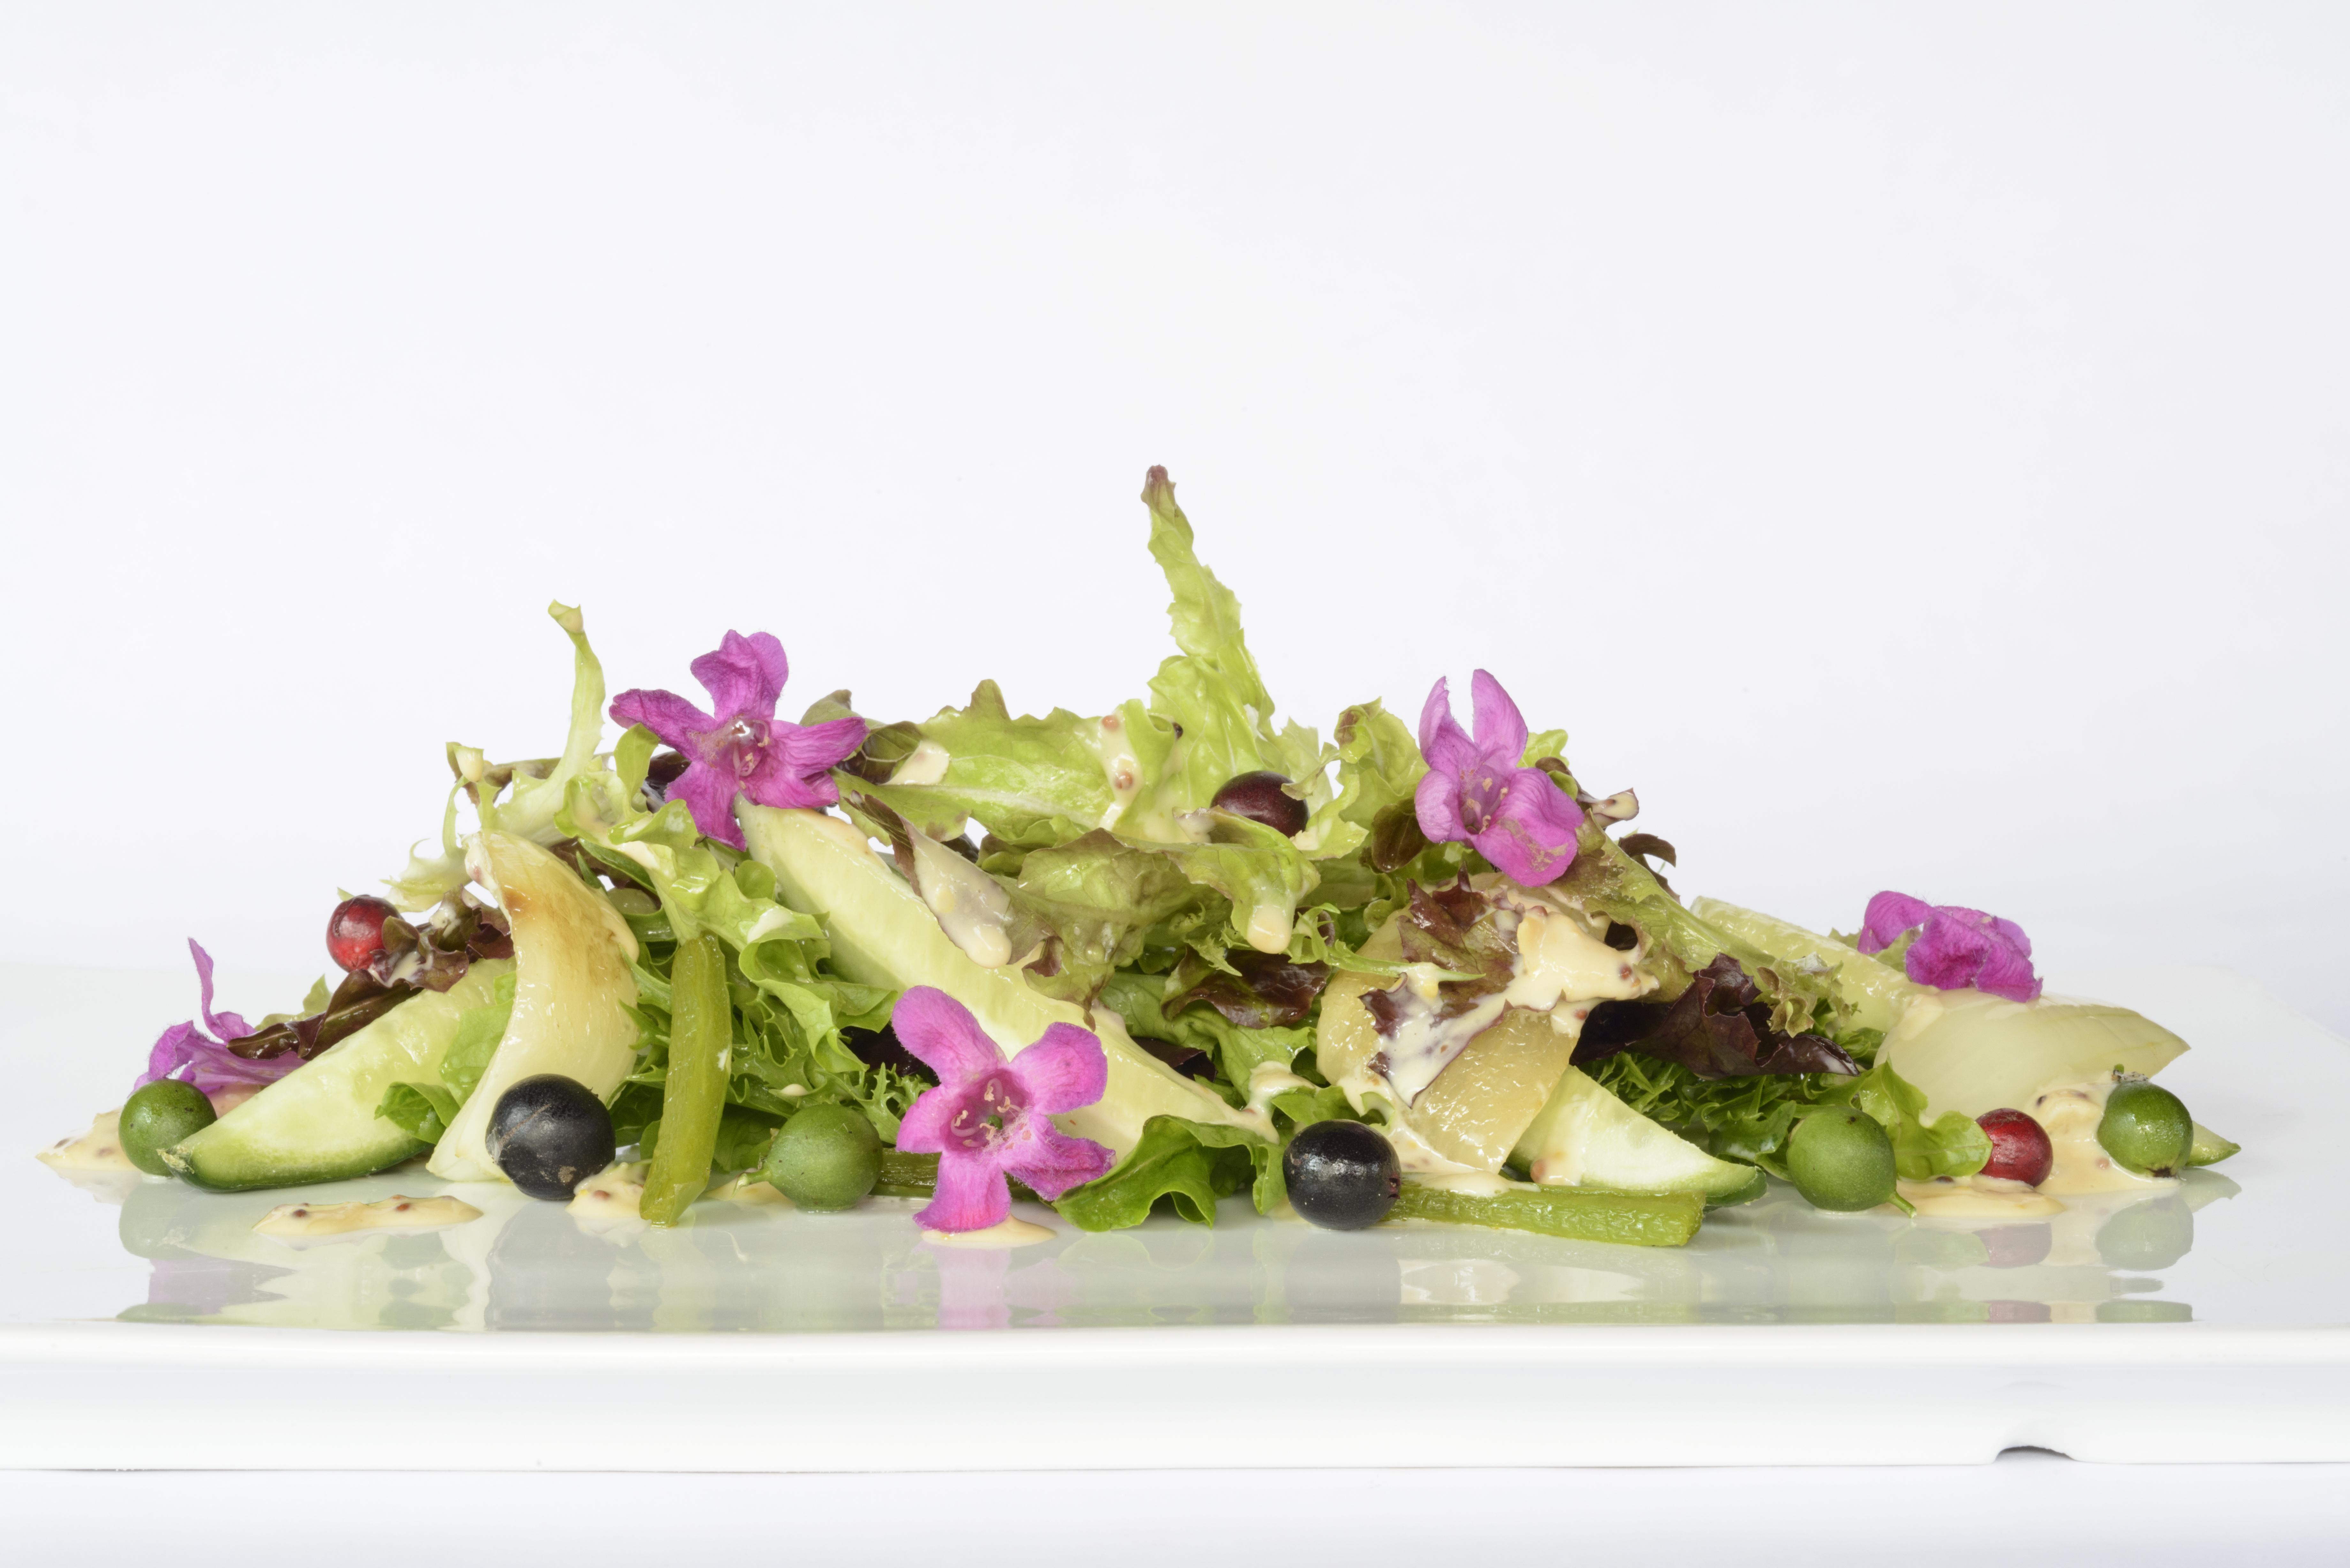 Ensalada de Frutas con Vinagreta de Yogurt y Mostaza